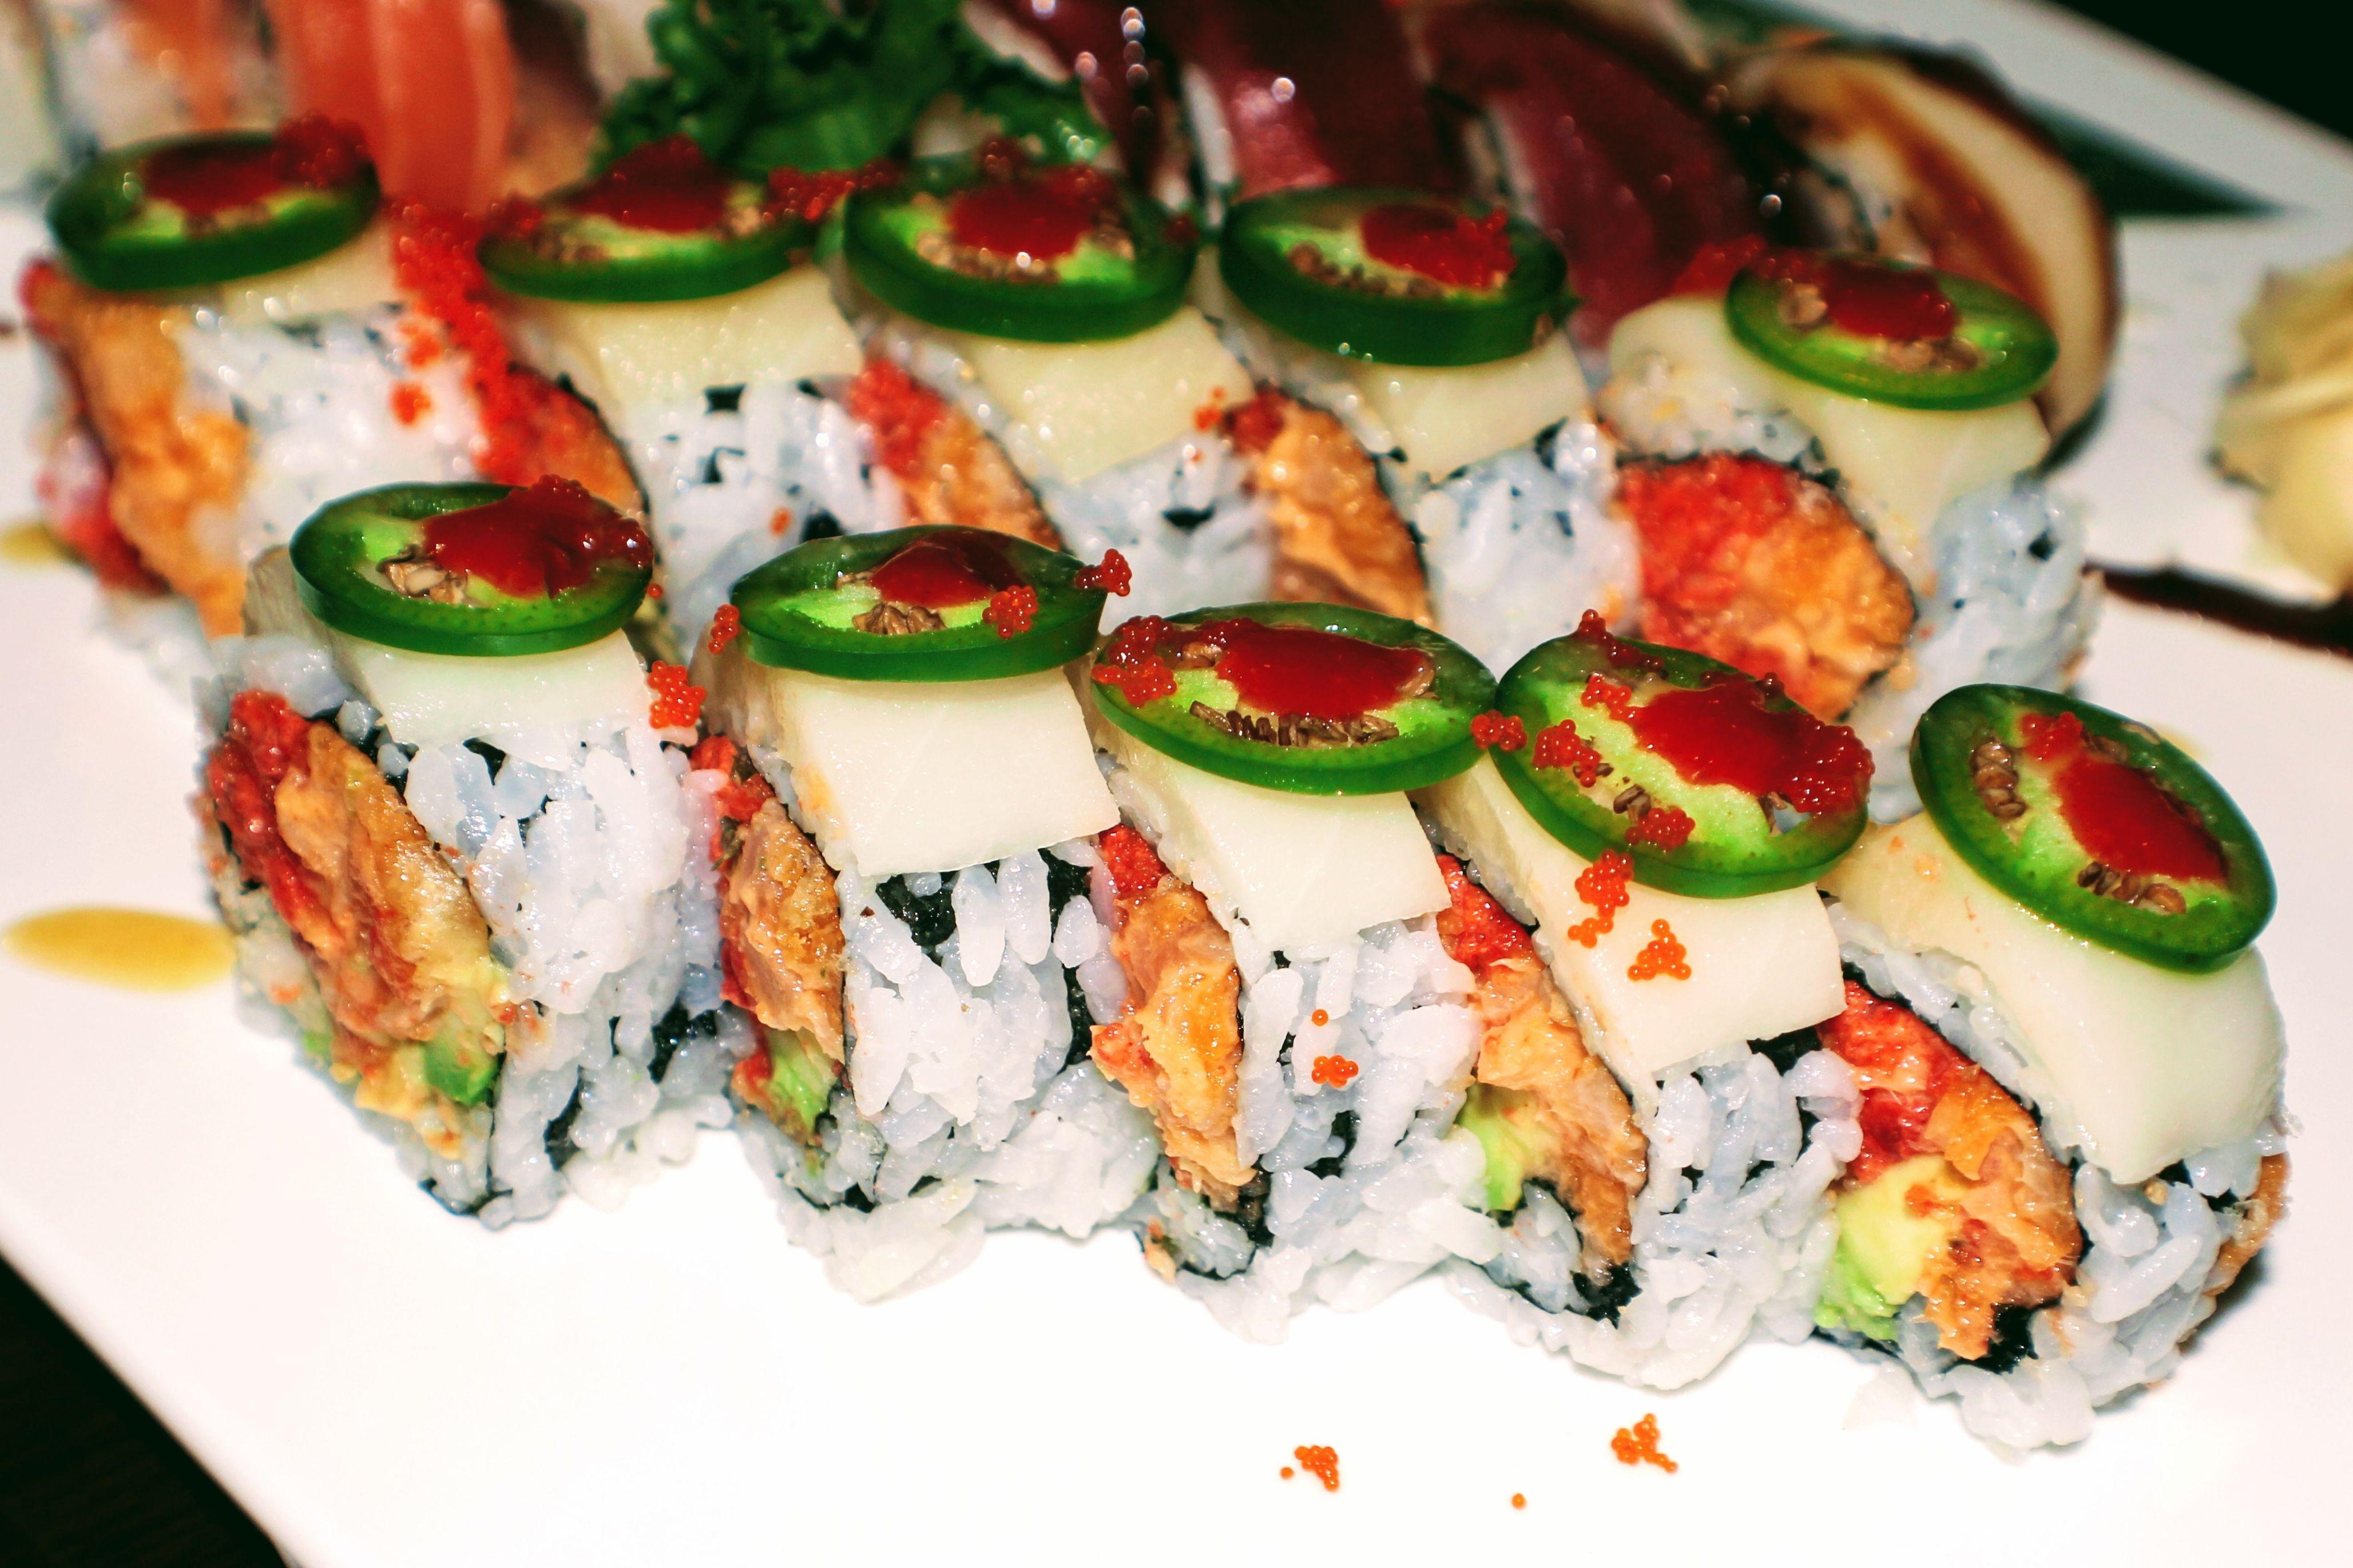 Kasa sushi kvkpnx